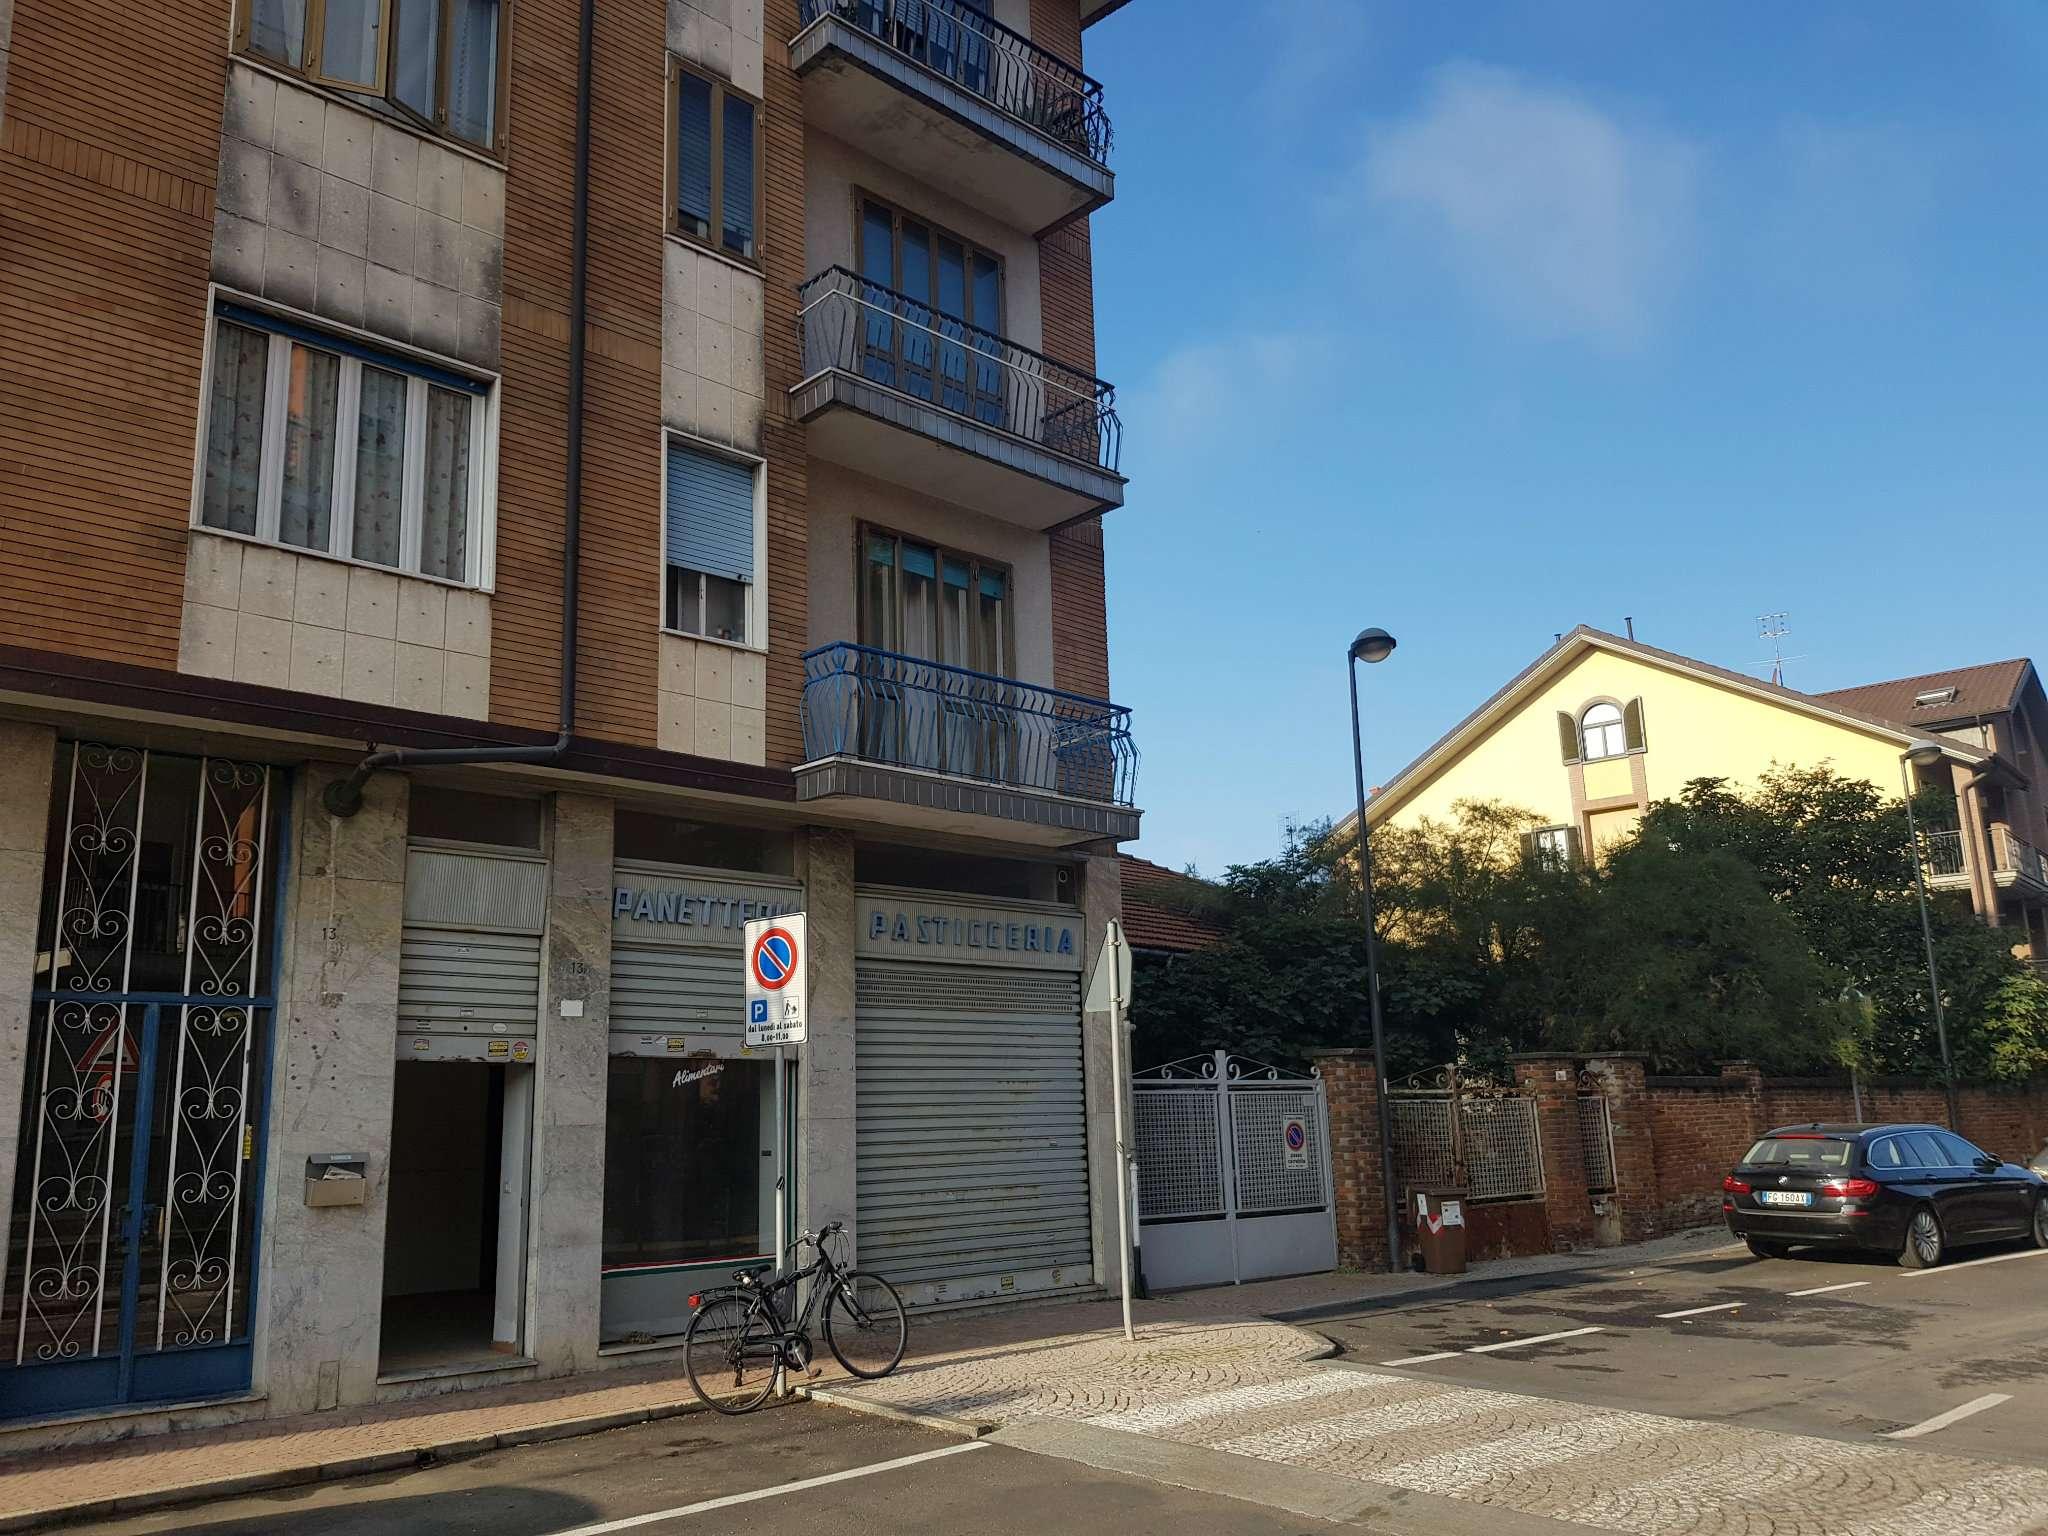 Negozio / Locale in vendita a Beinasco, 1 locali, prezzo € 50.000 | PortaleAgenzieImmobiliari.it